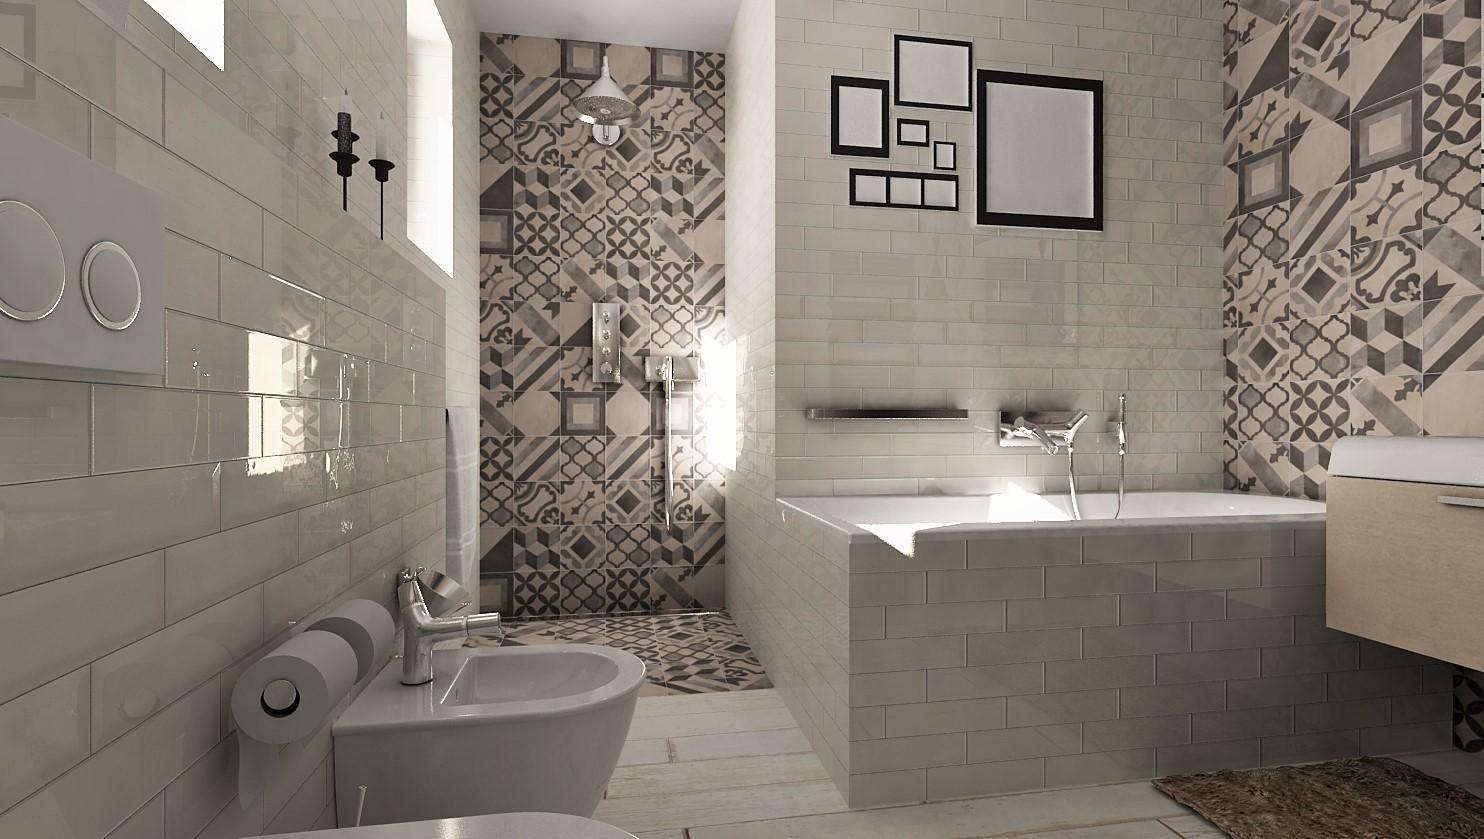 Návrhy a vizualizácie kúpeľní - Nový 3D návrh kúpeľne z našej tvorivej dielne - zatiaľ 1. verzia